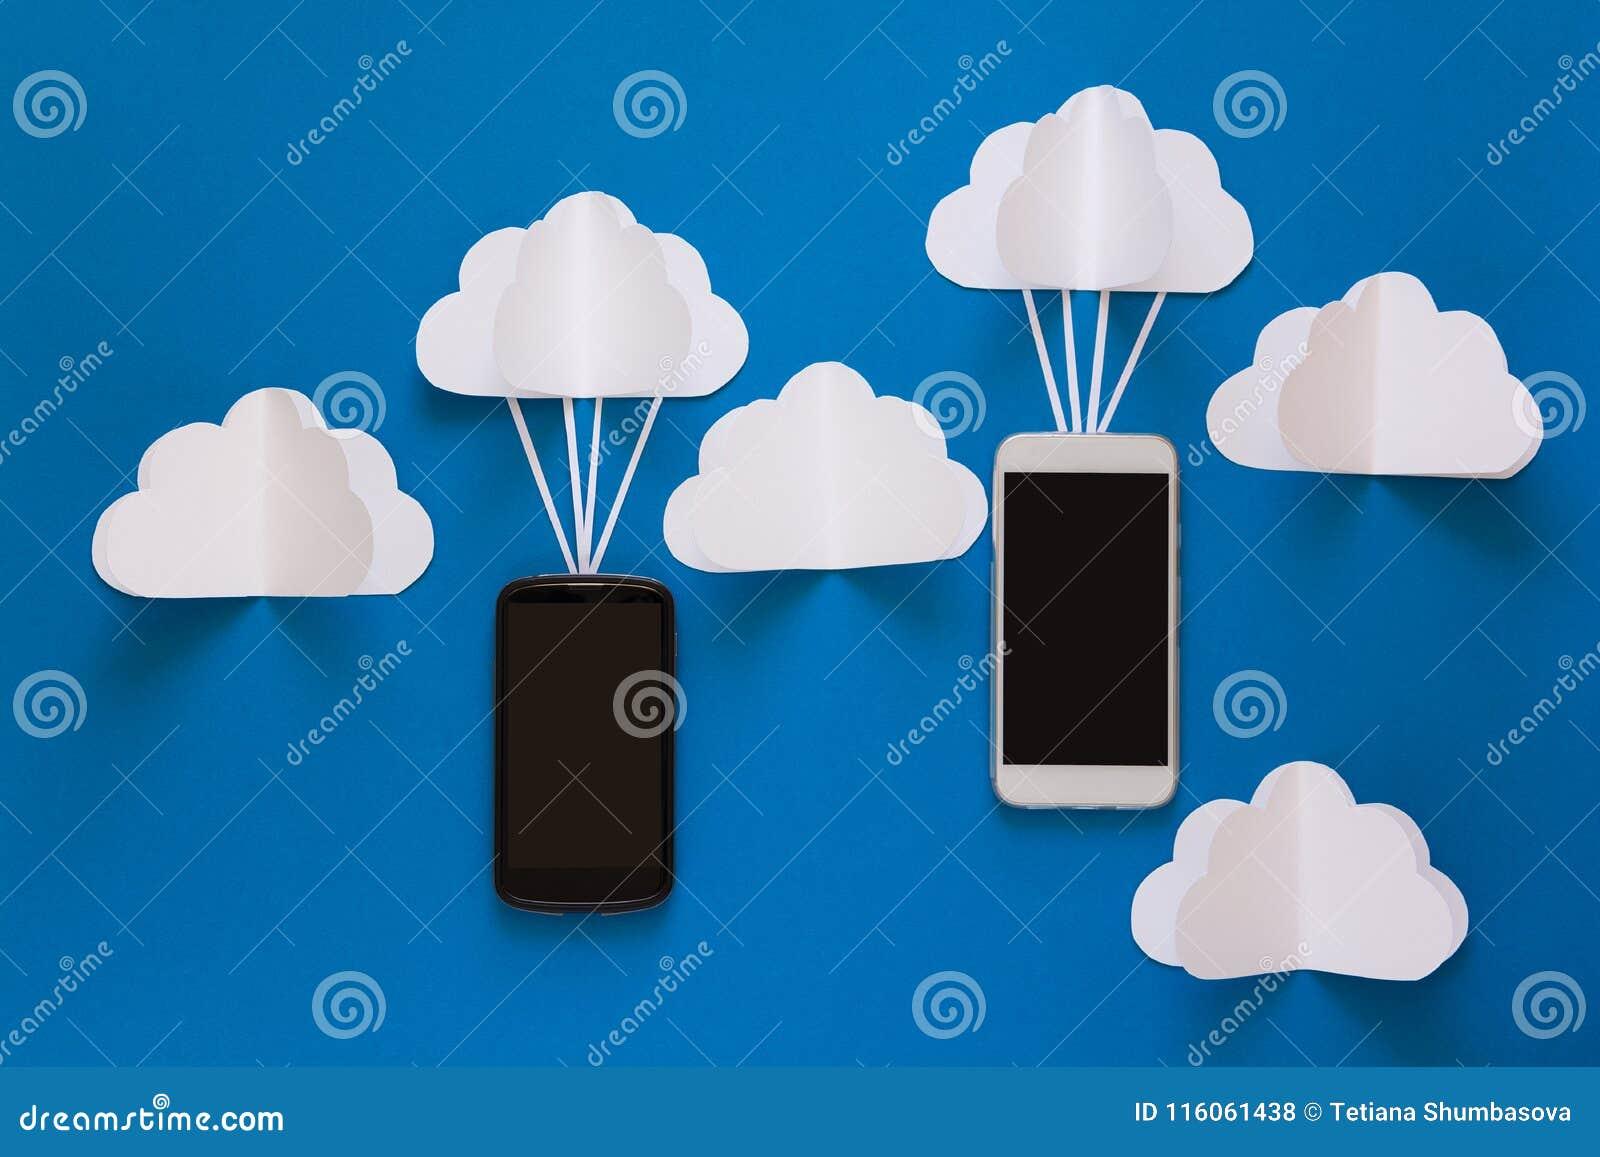 Передачи данных и концепция вычислительной цепи облака Умное летание телефона на бумажном облаке